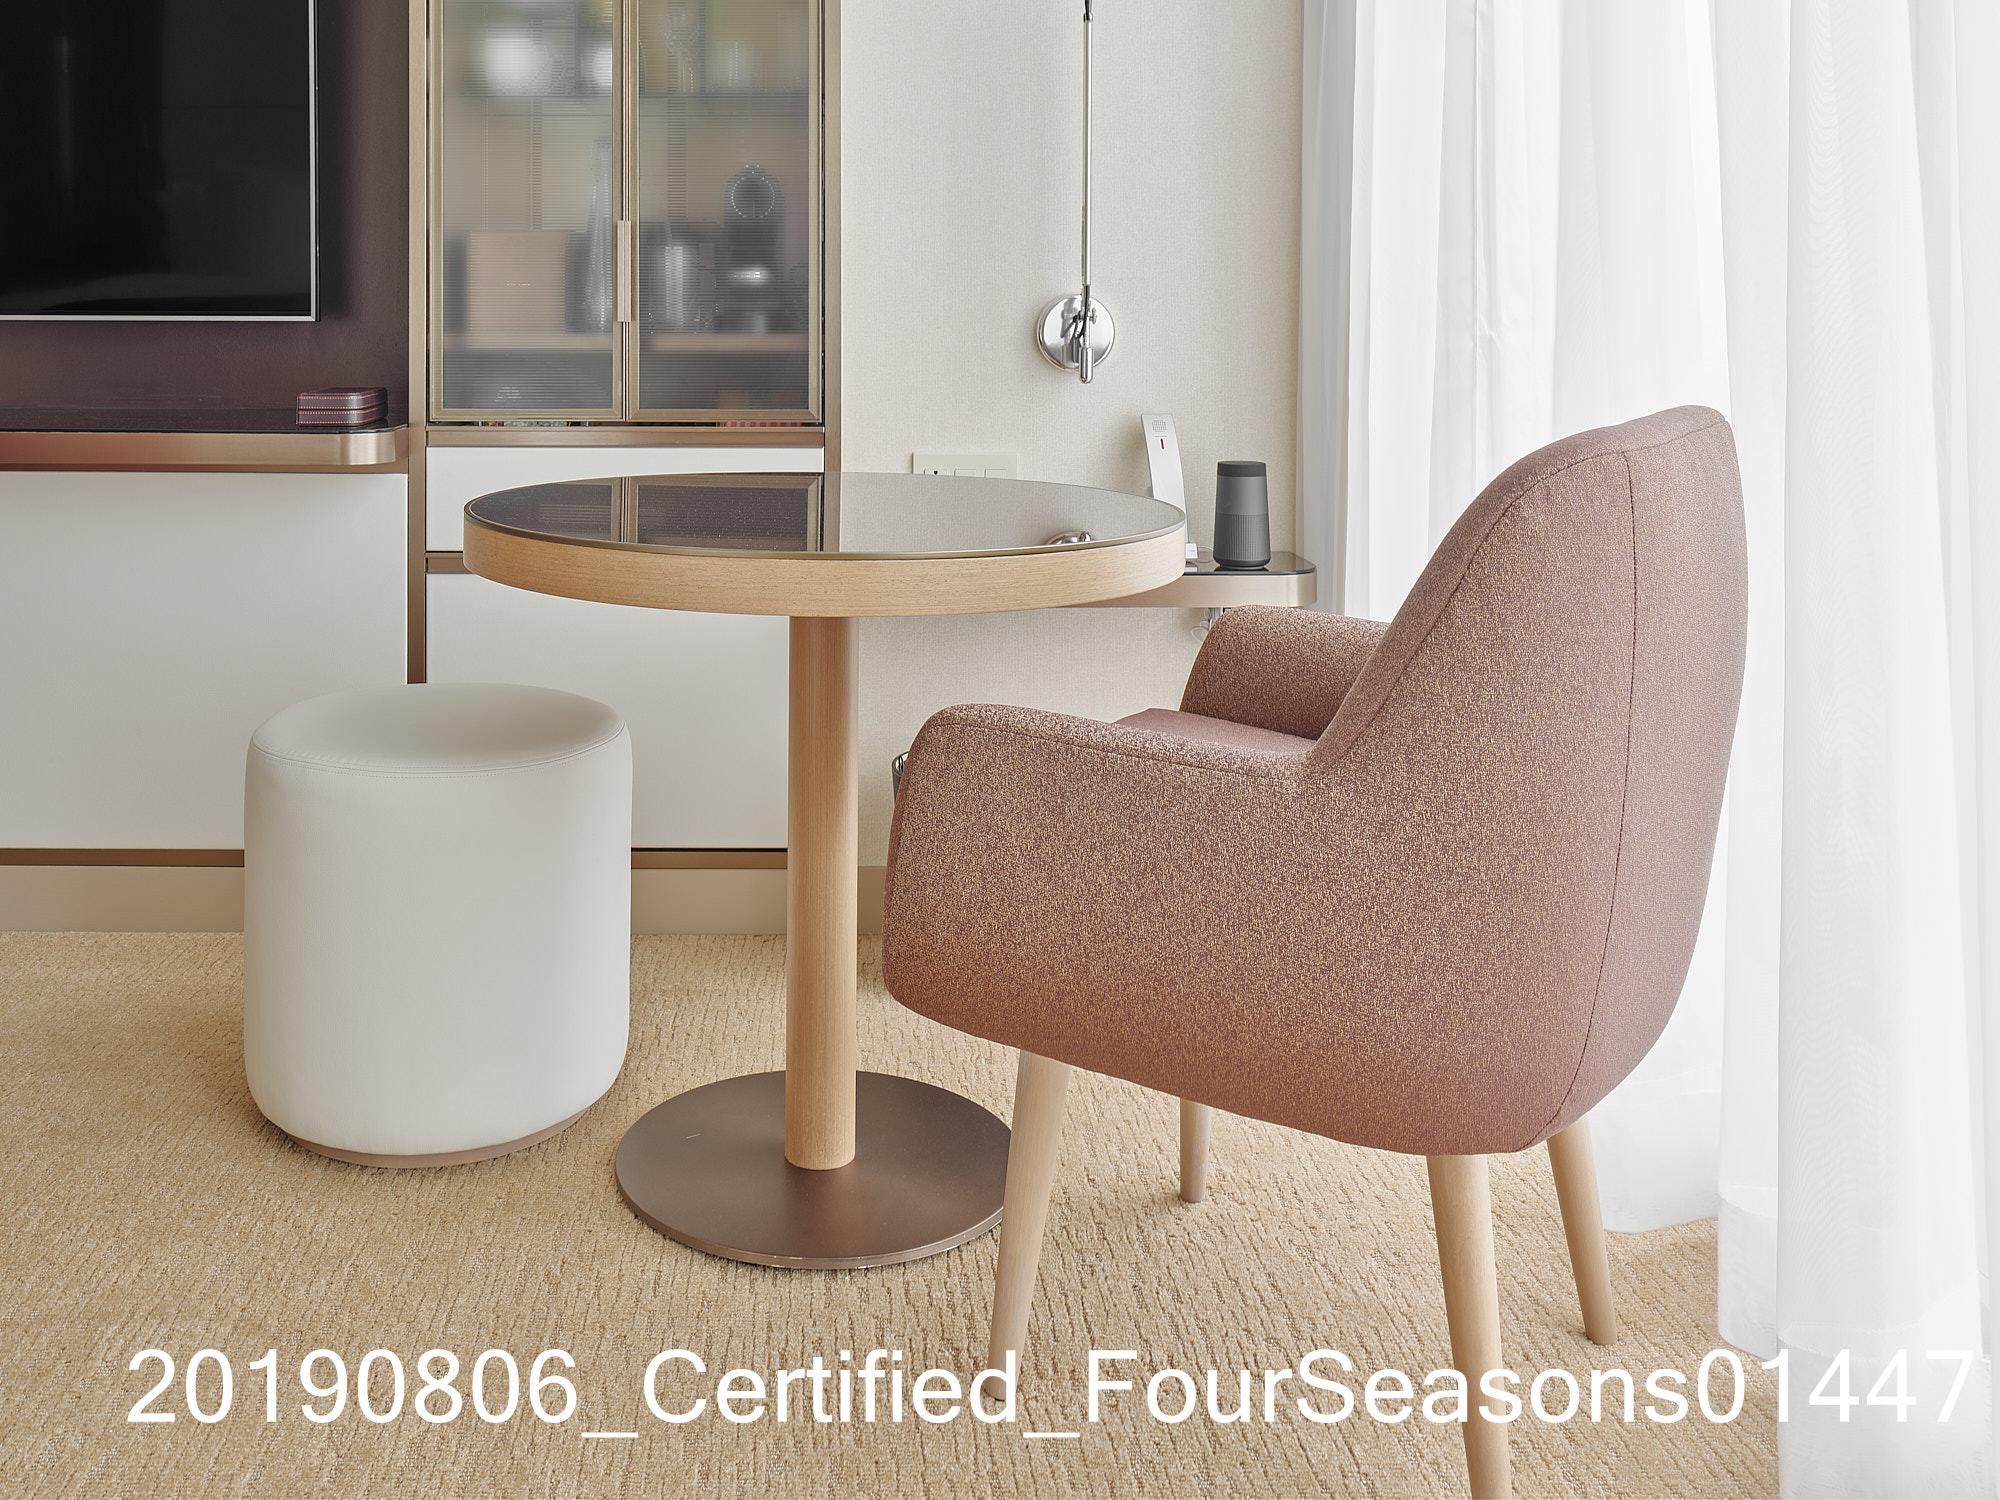 20190806_Certified_FourSeasons01447.jpg